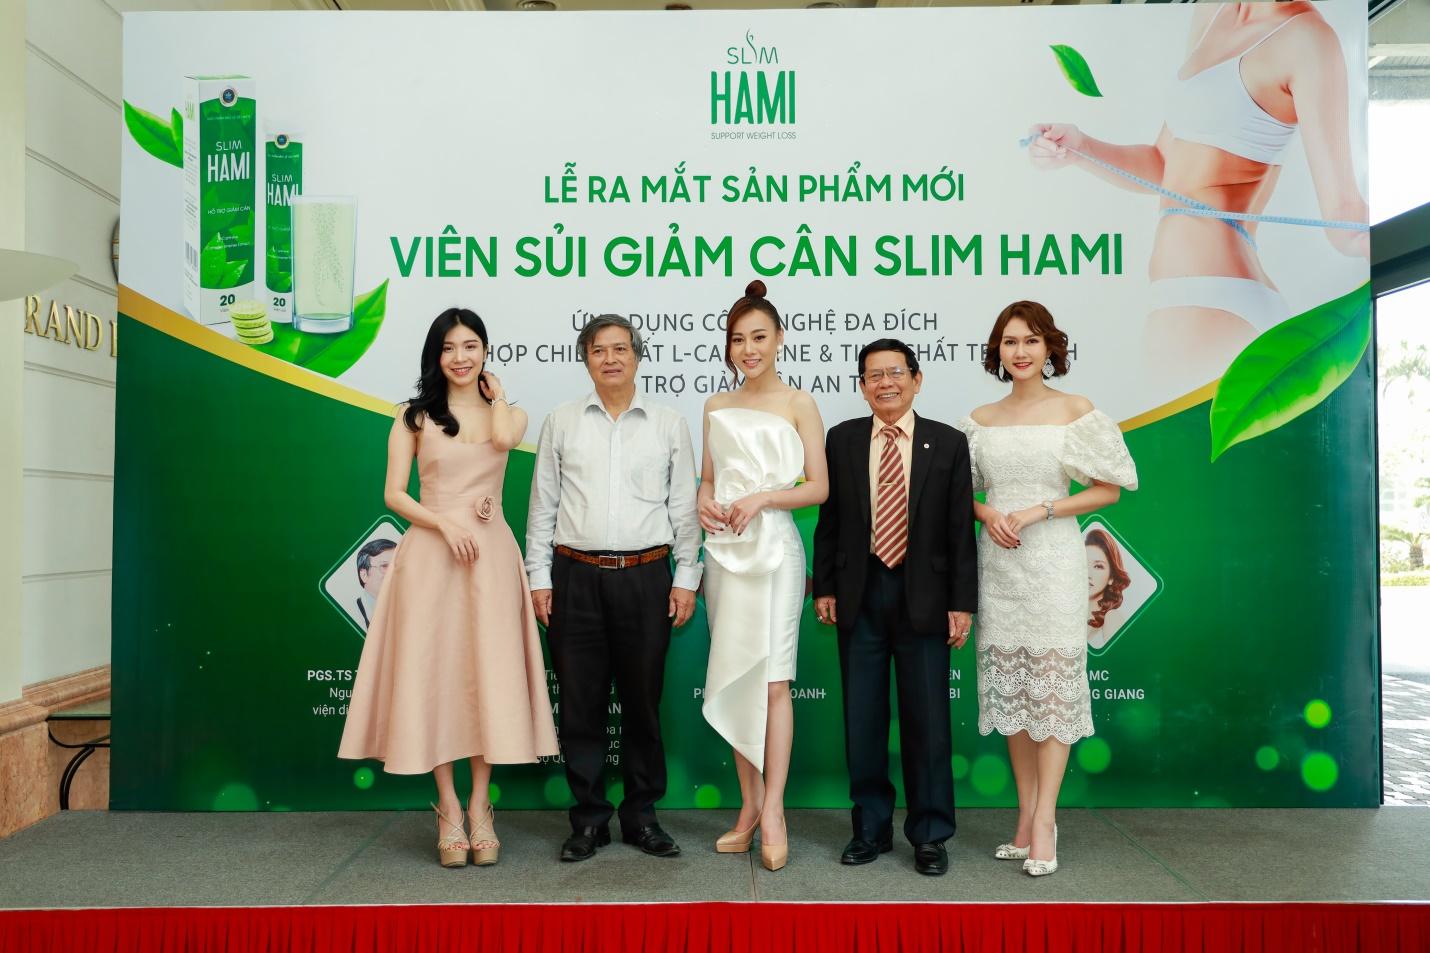 Viên sủi giảm cân Slim Hami – Giải pháp hỗ trợ giảm cân an toàn cho người Việt